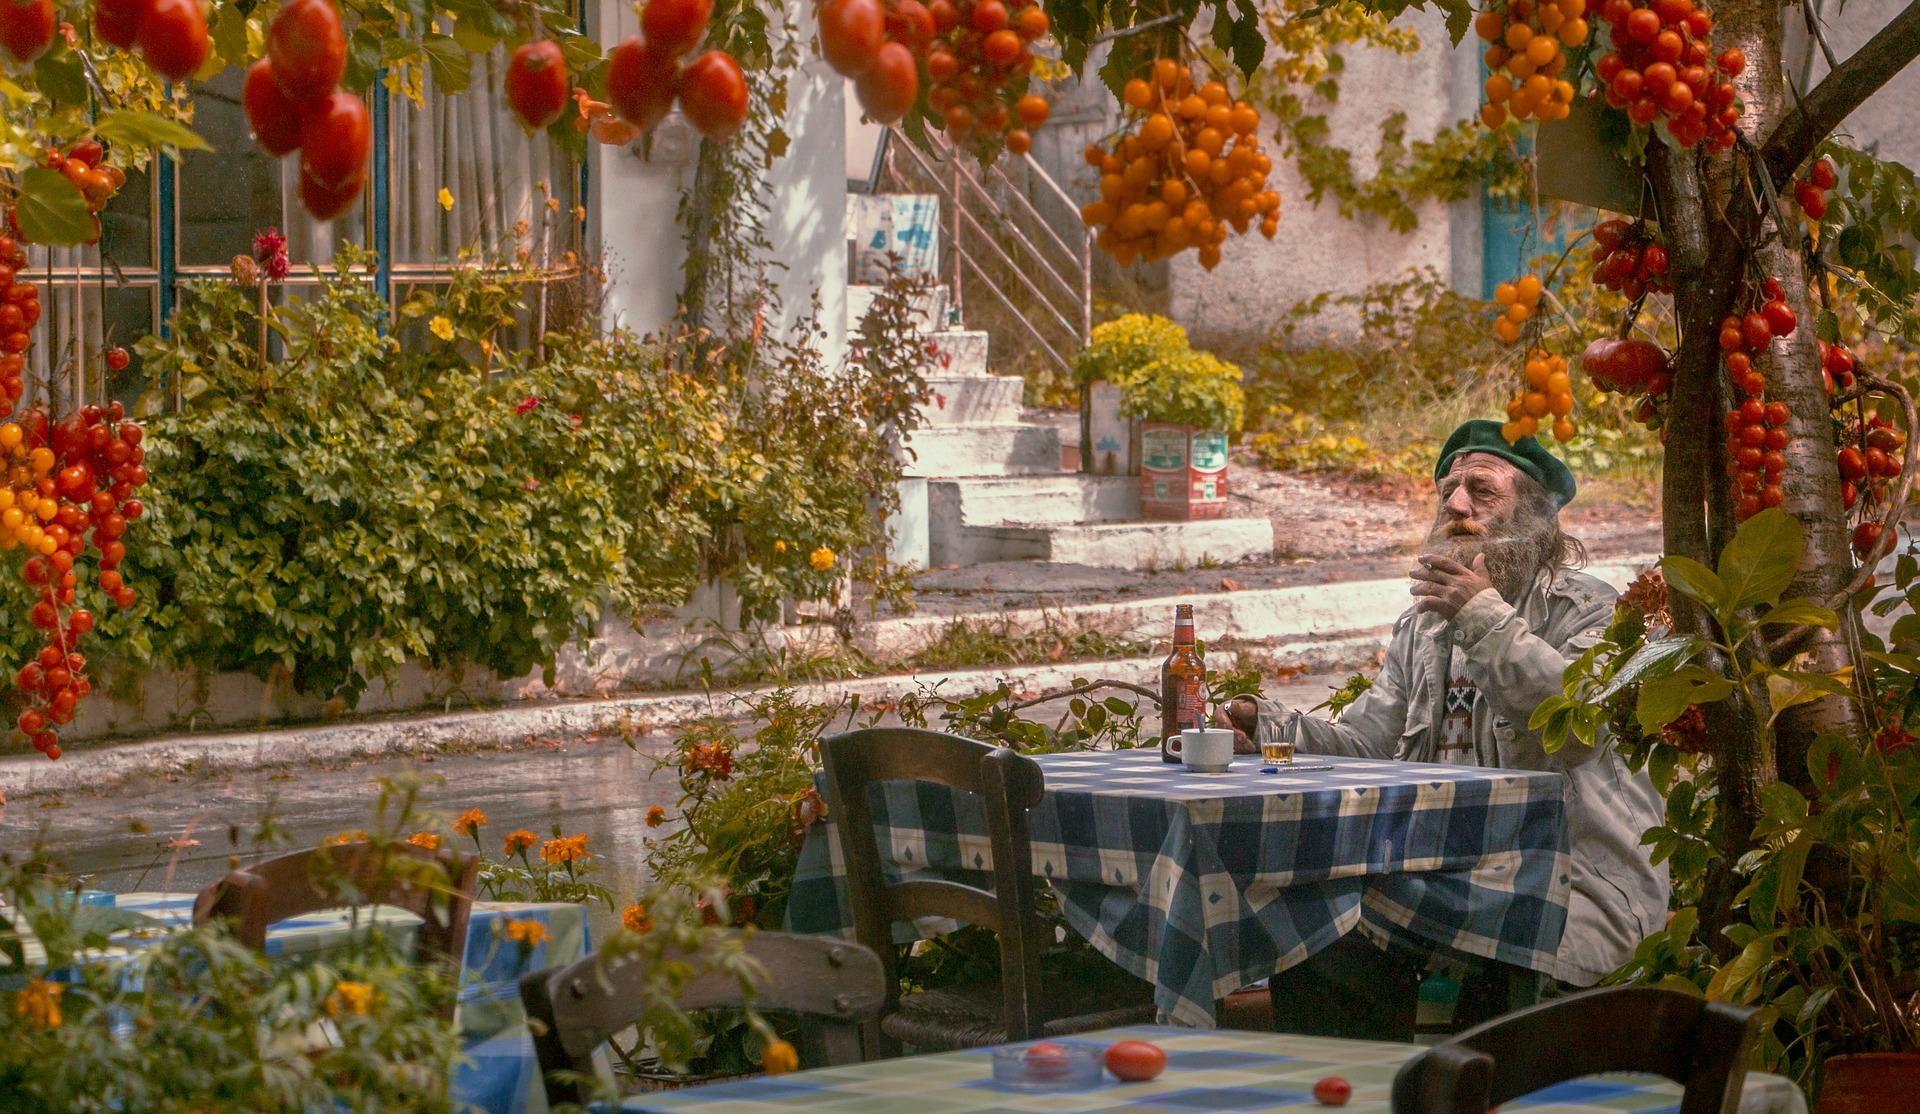 Gemüsegarten mit Gärtner und reifen Tomaten